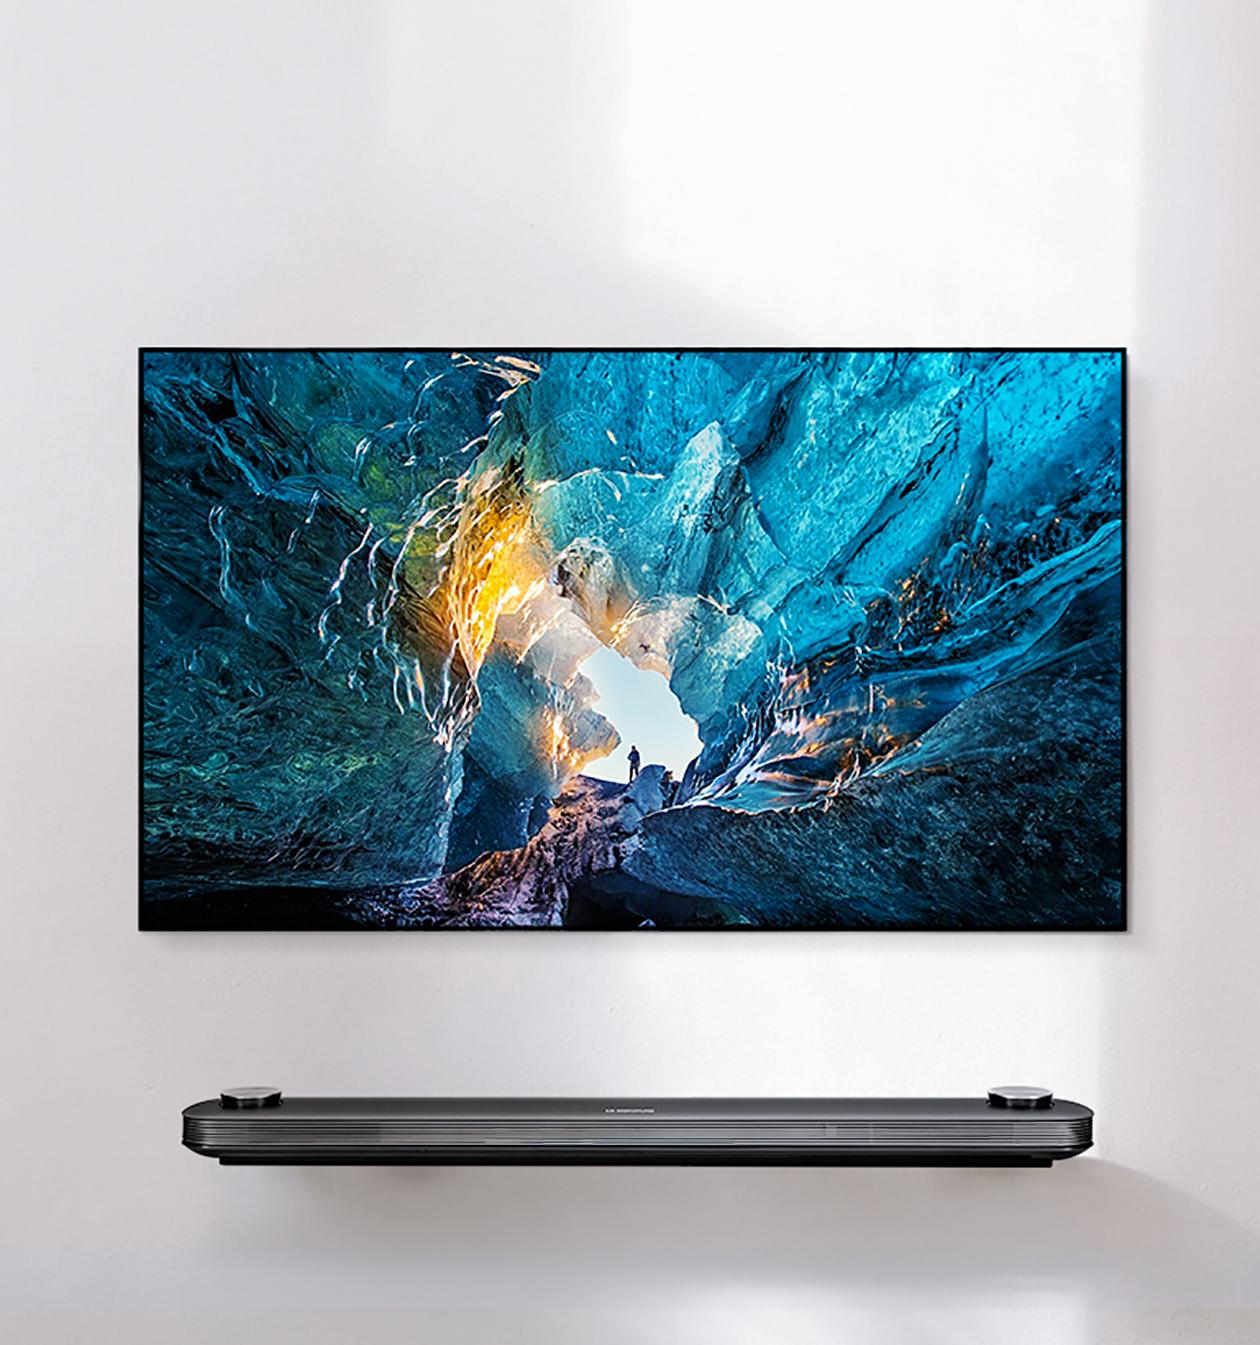 Aktiv HDR - LG Signature 4K OLED TV